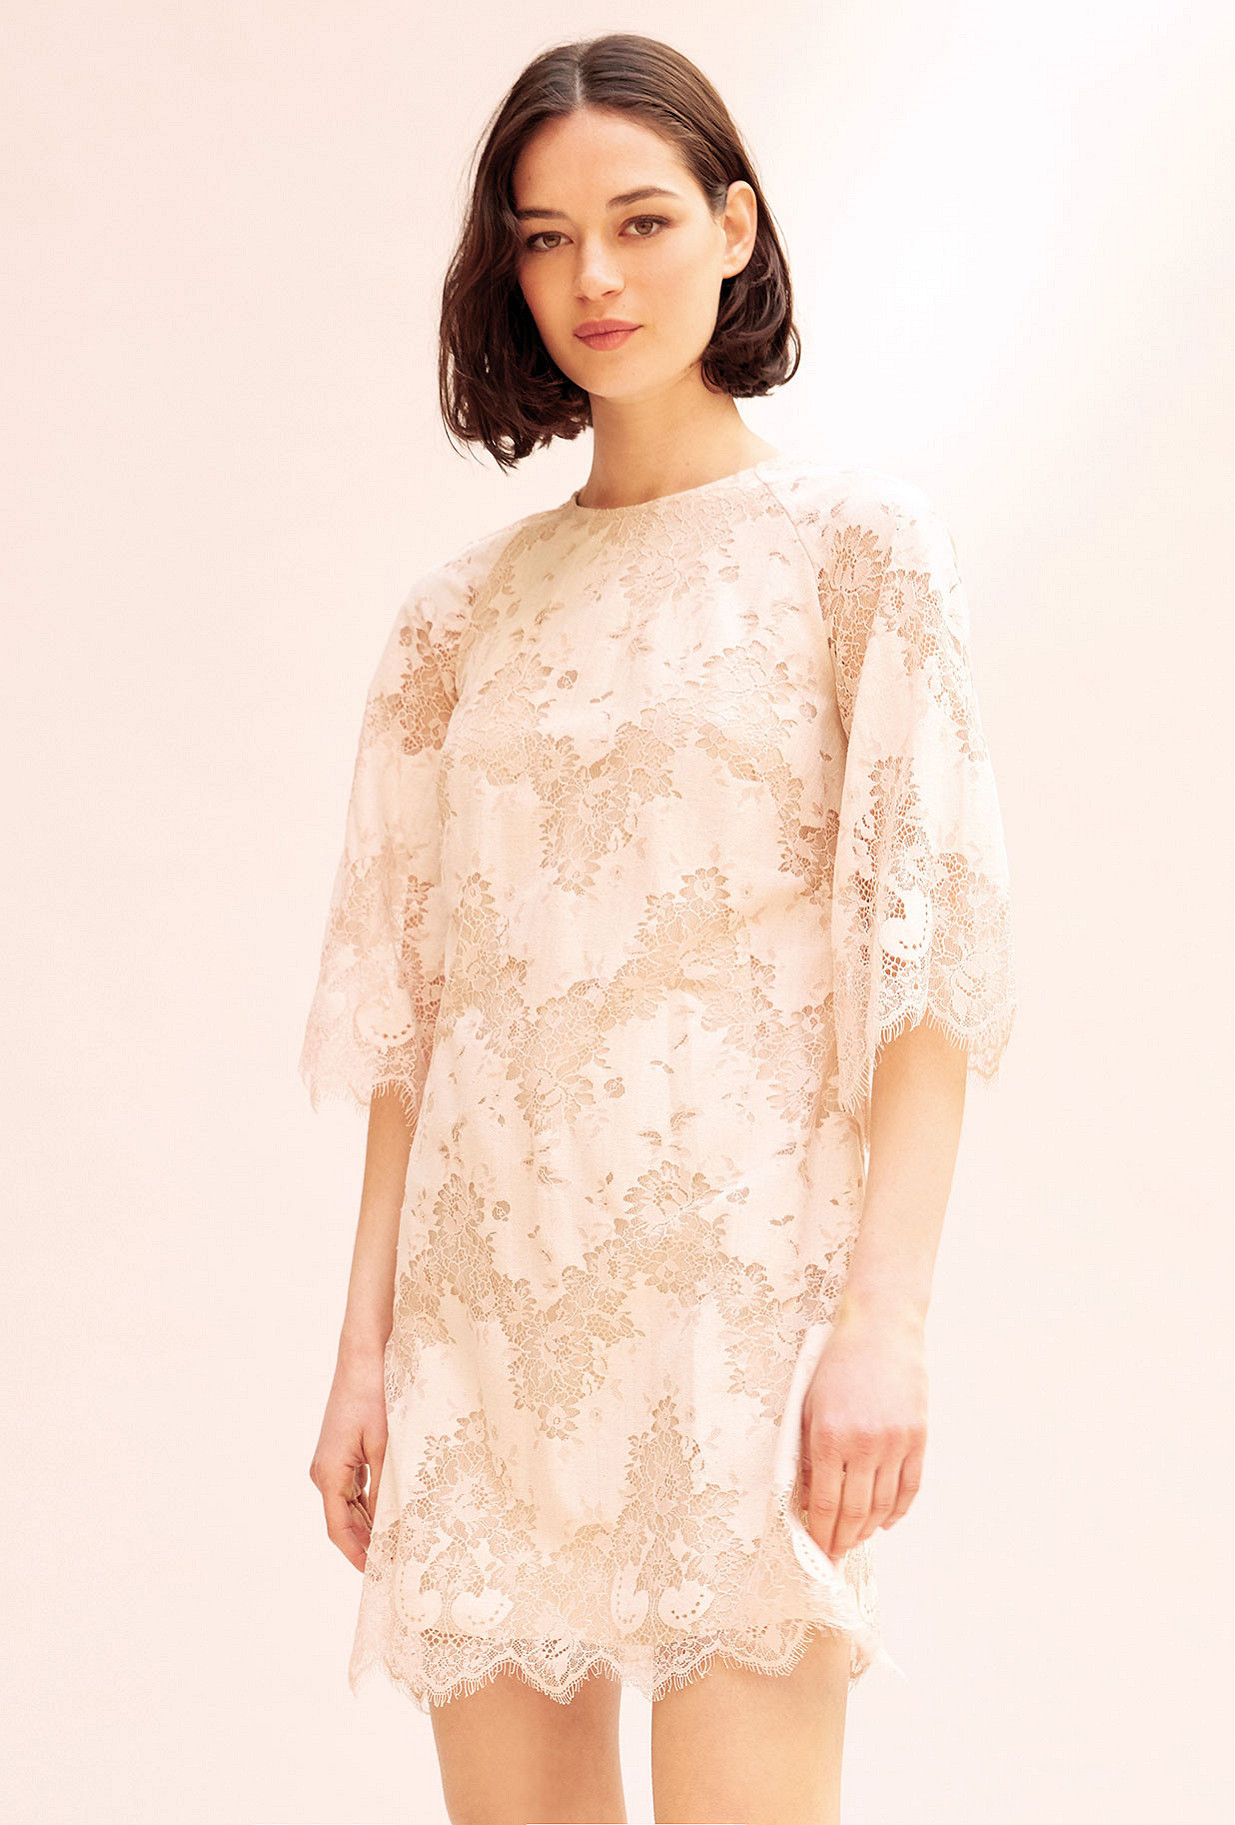 Paris boutique de mode vêtement Robe créateur bohème  Angelique